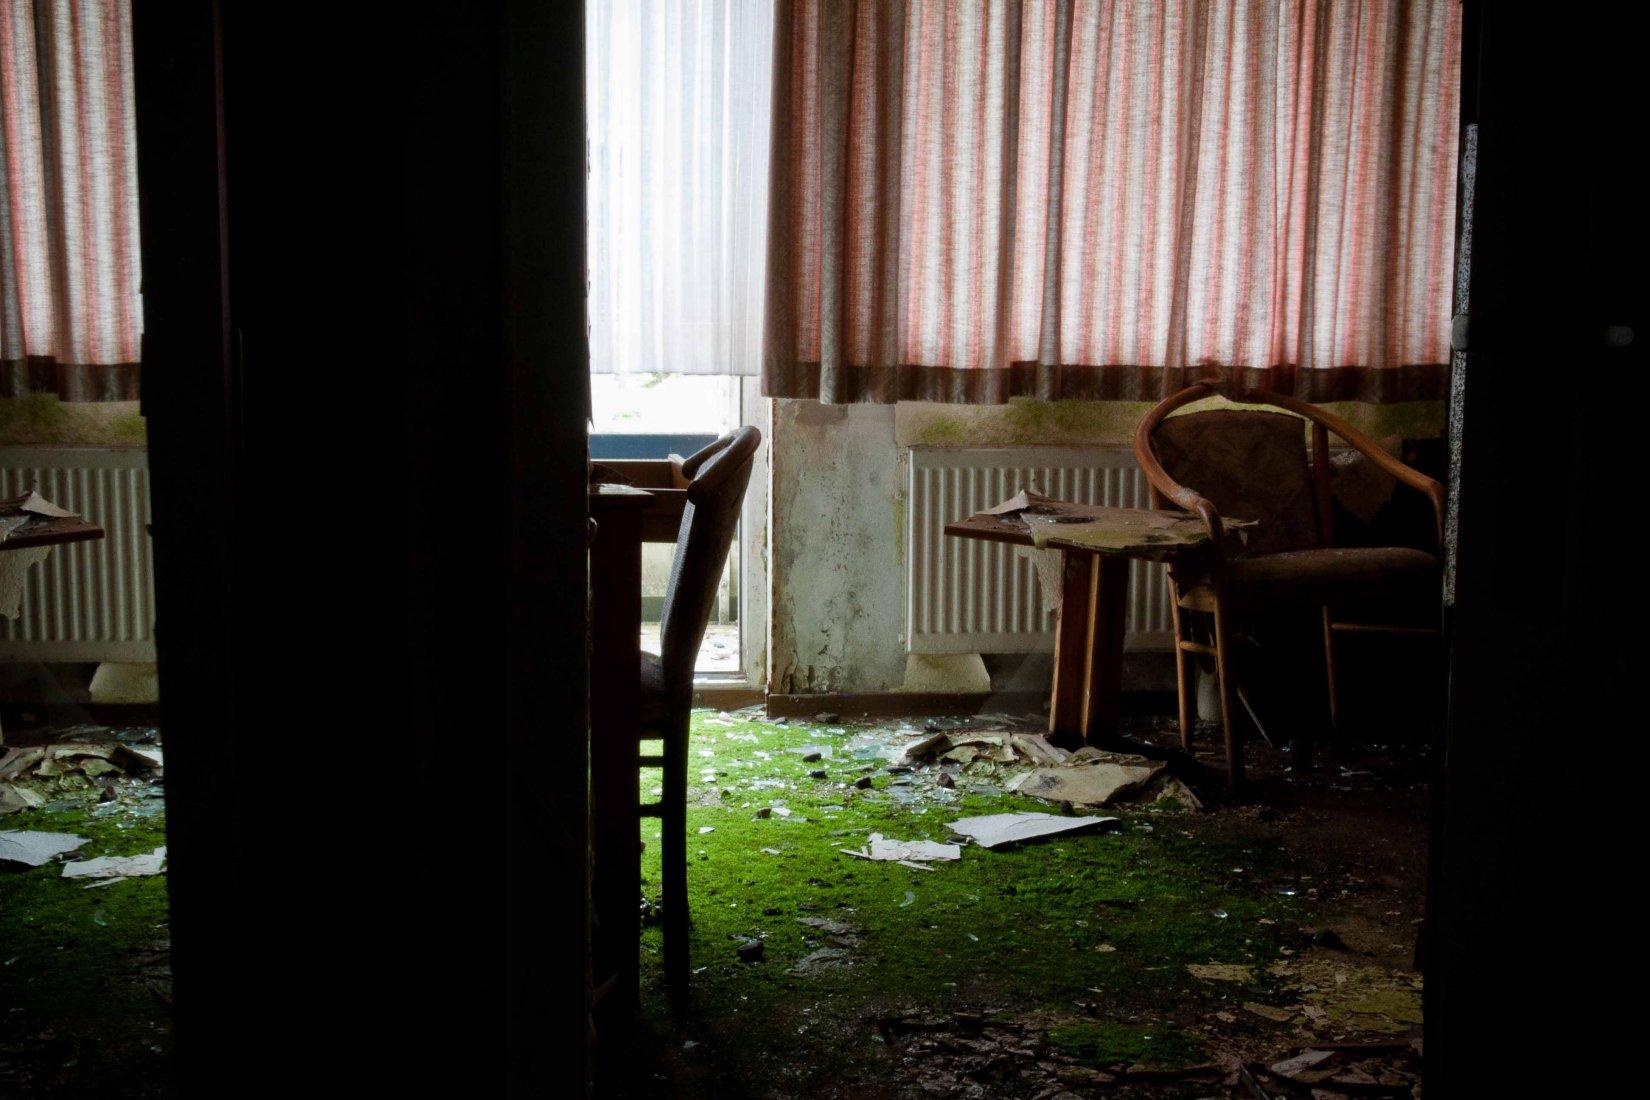 20110729 dnlboberg 9347 1650x1100 Hotel Weserbergland So richtig zum Wohlfühlen II